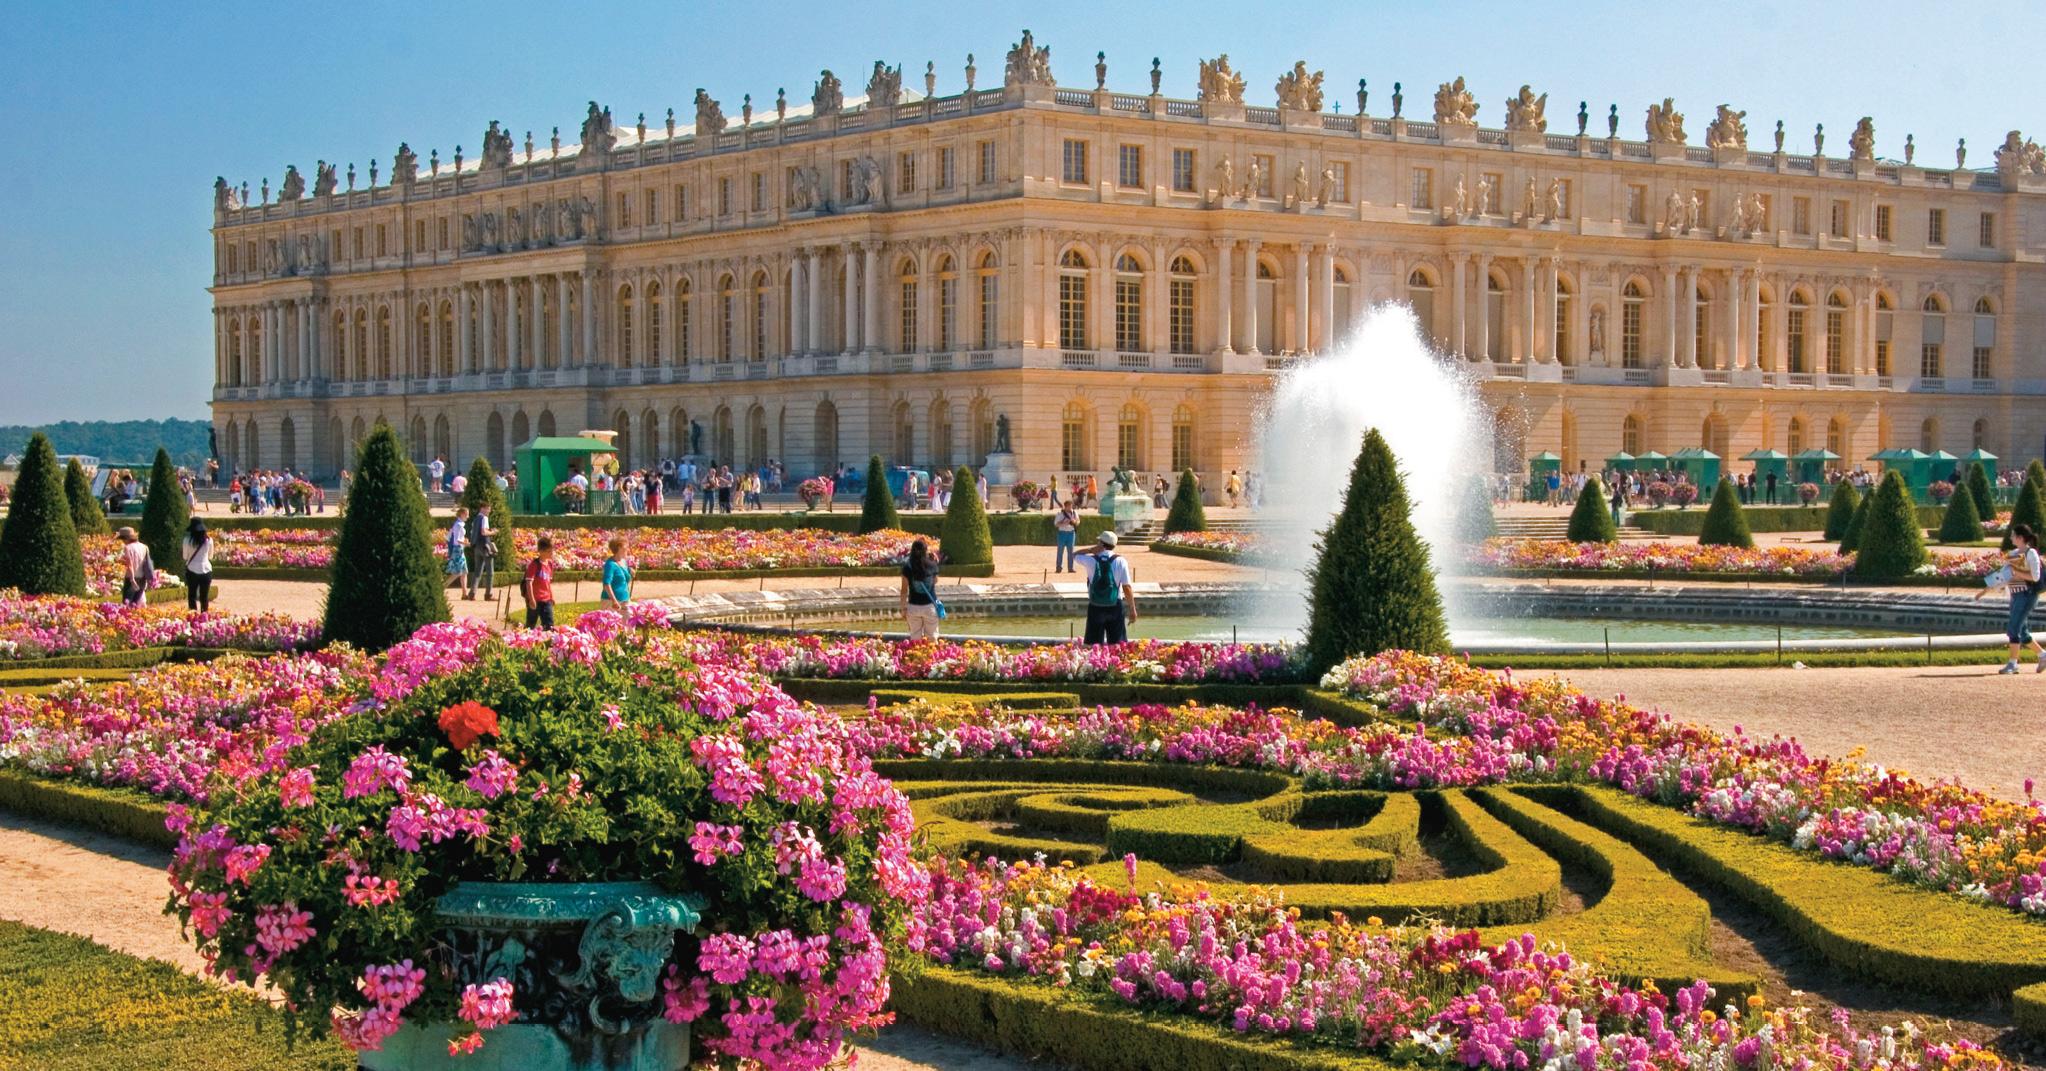 O Palácio de Versalhes, um bate e volta clássico de quem visita Paris